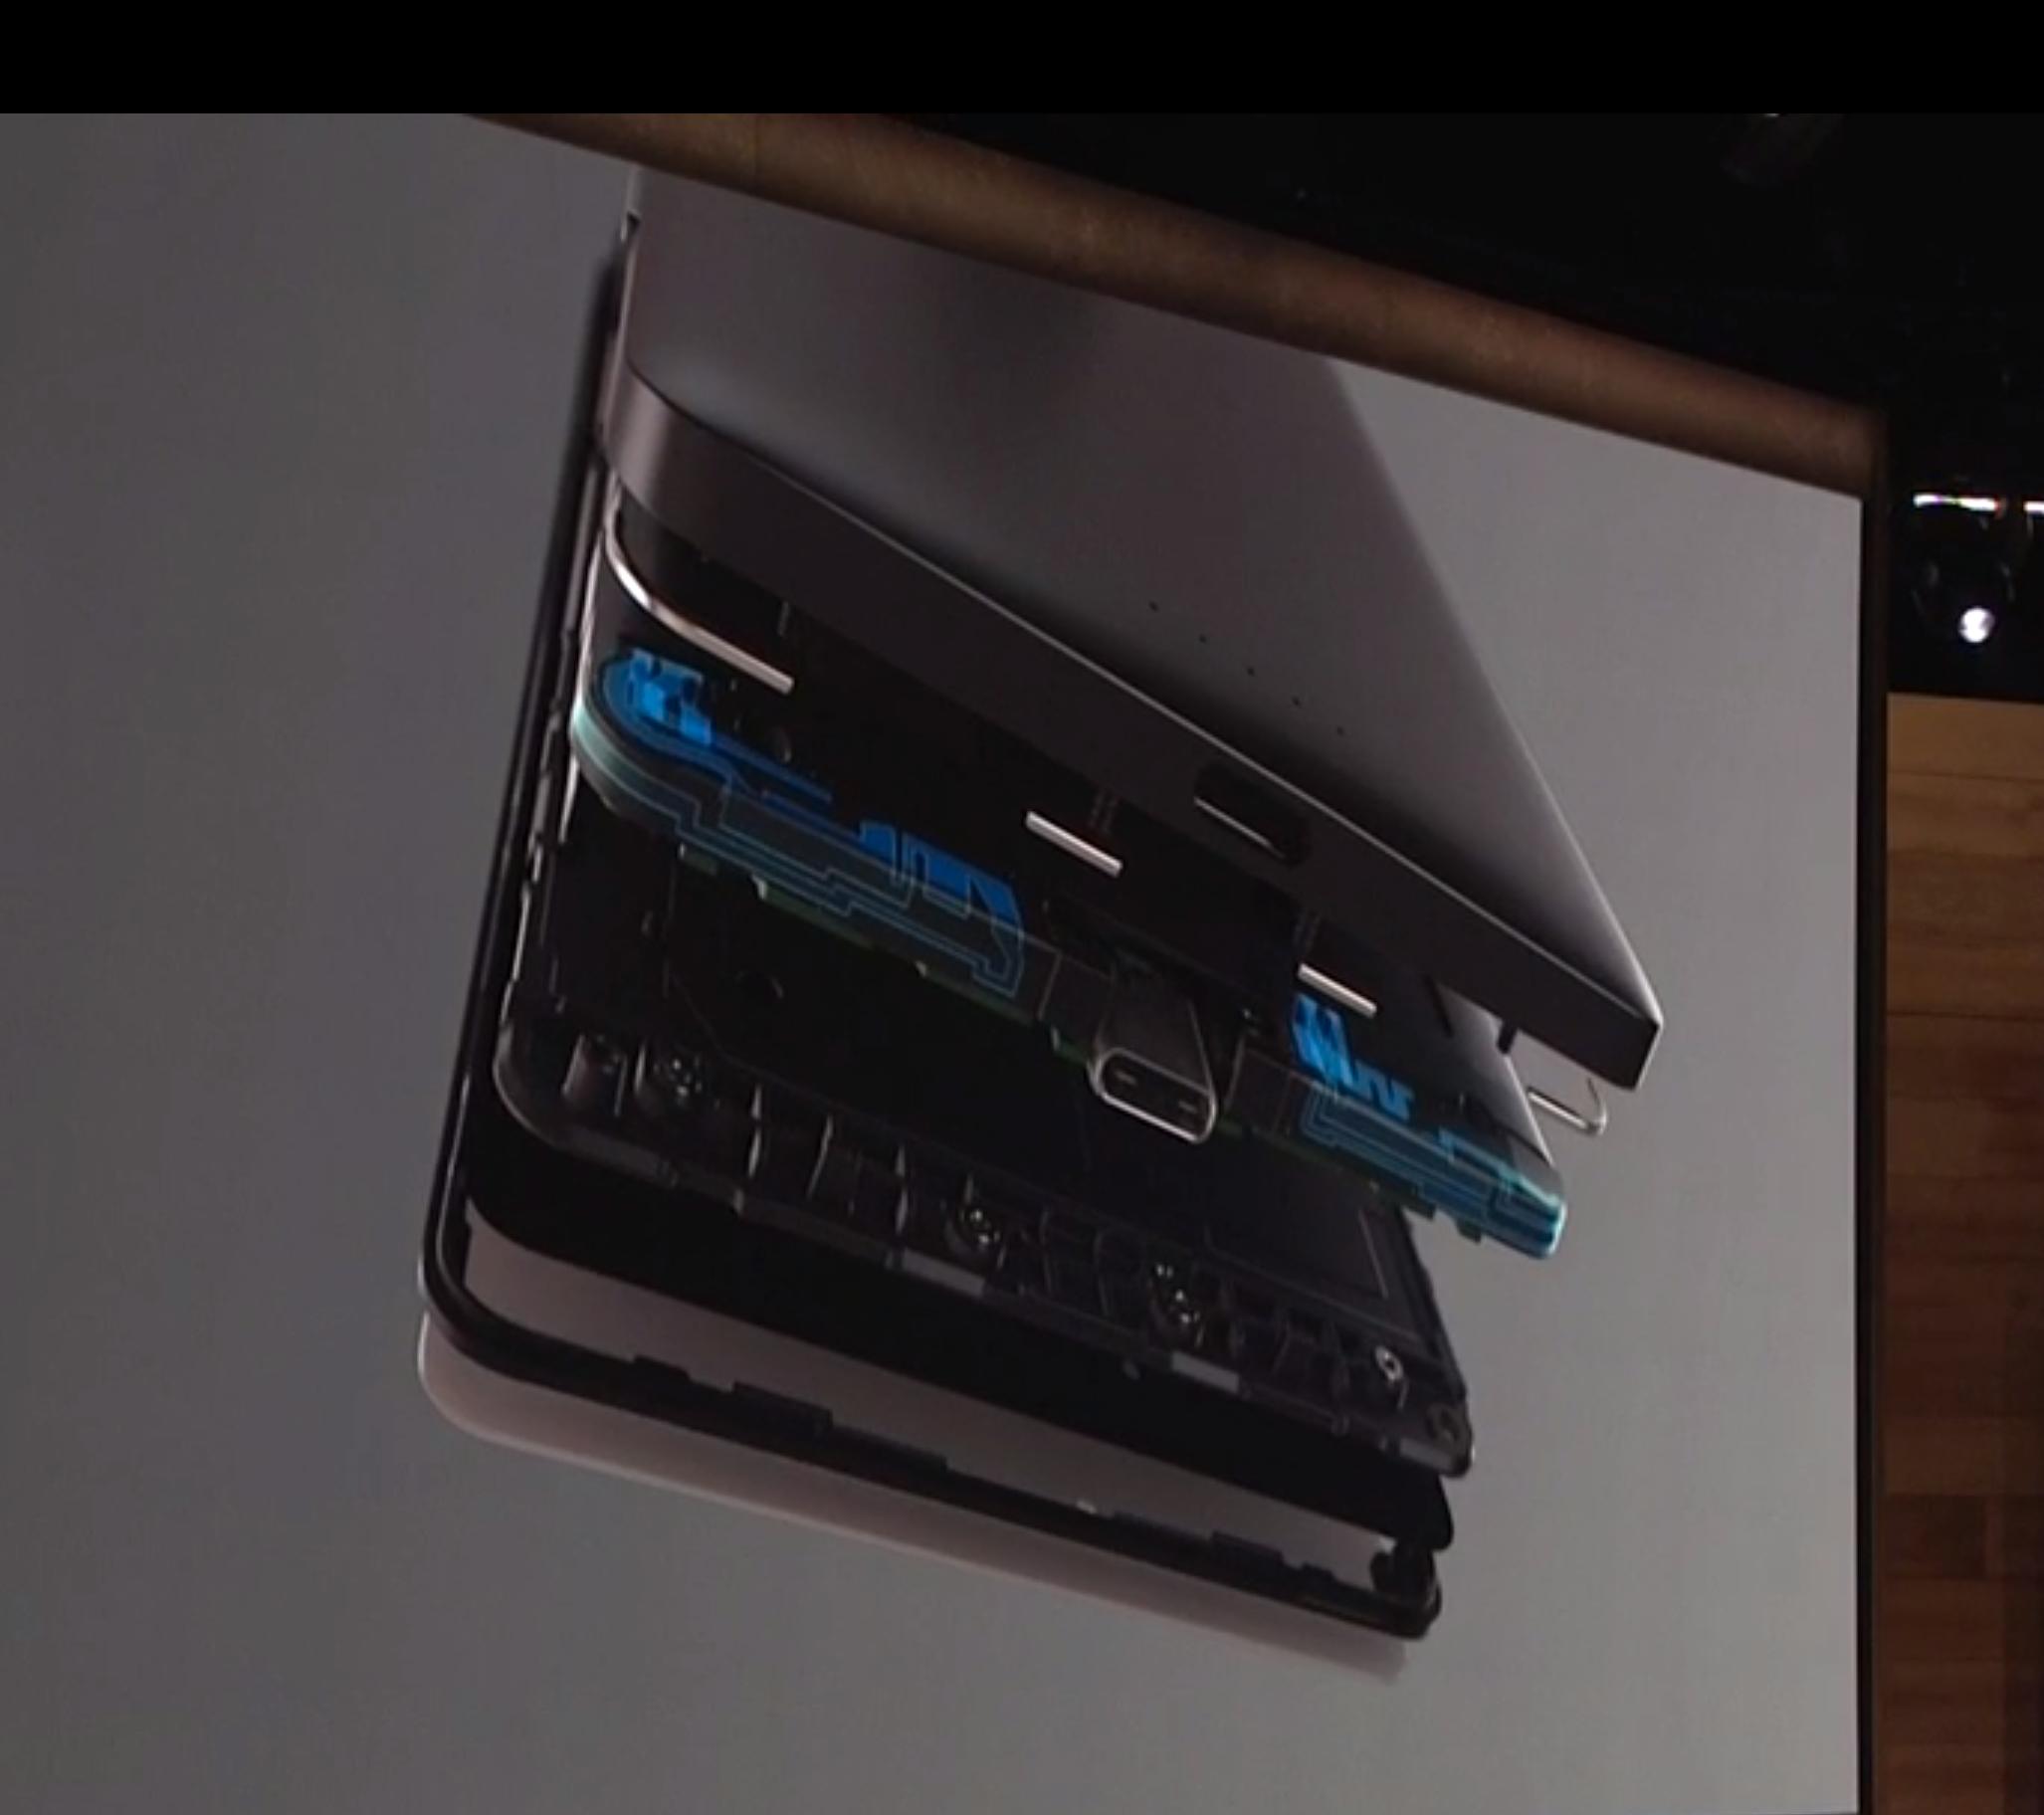 Det adaptive antennesystemet skal visstnok gi deg bedre dekning. Foto: Microsoft, Skjermdump fra video